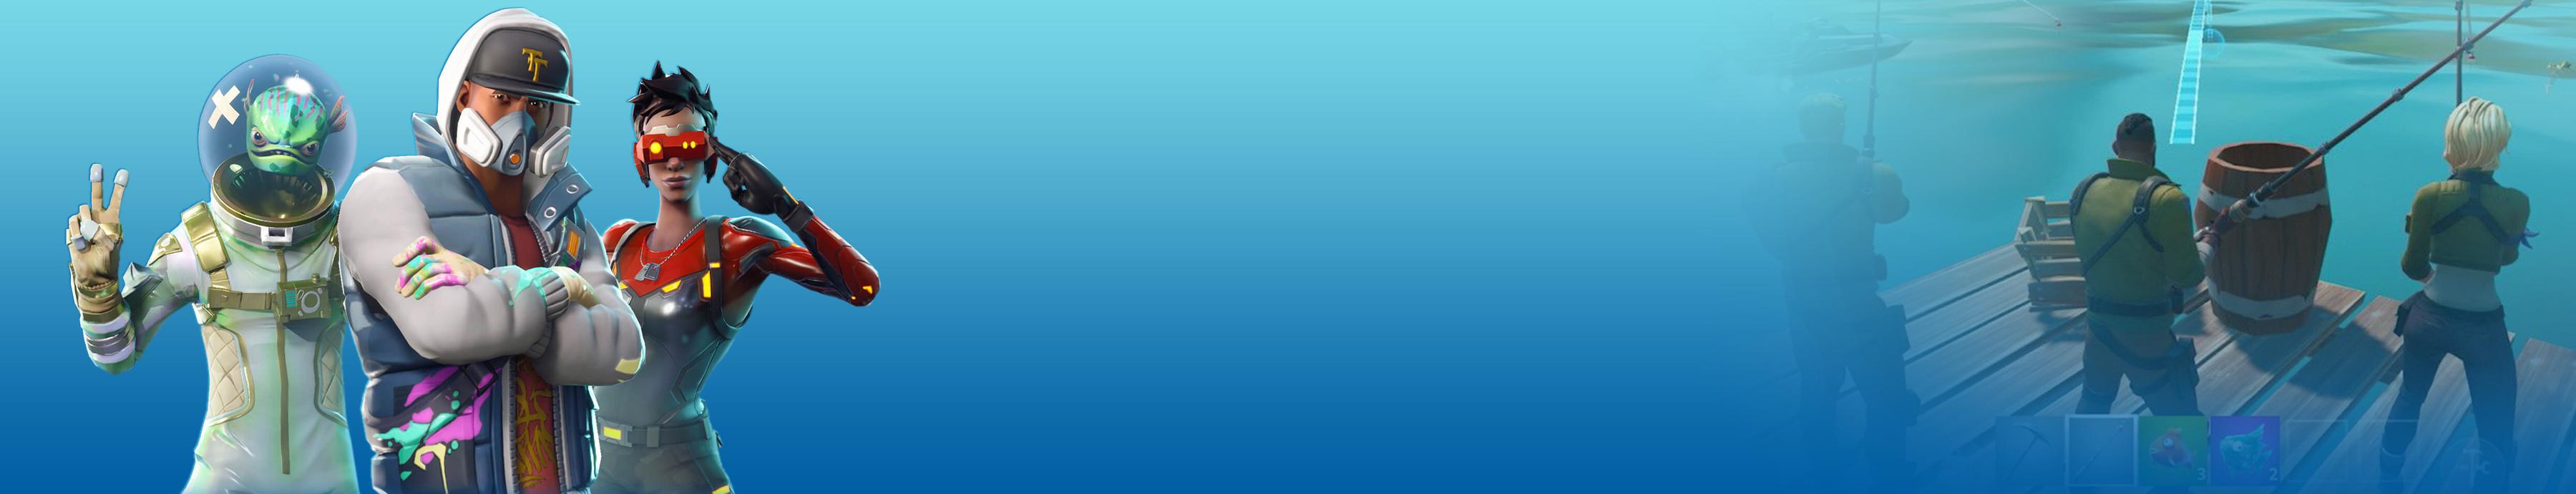 Fortnite Mobile: Den Zockerspaß gibt es auch für Smartphones